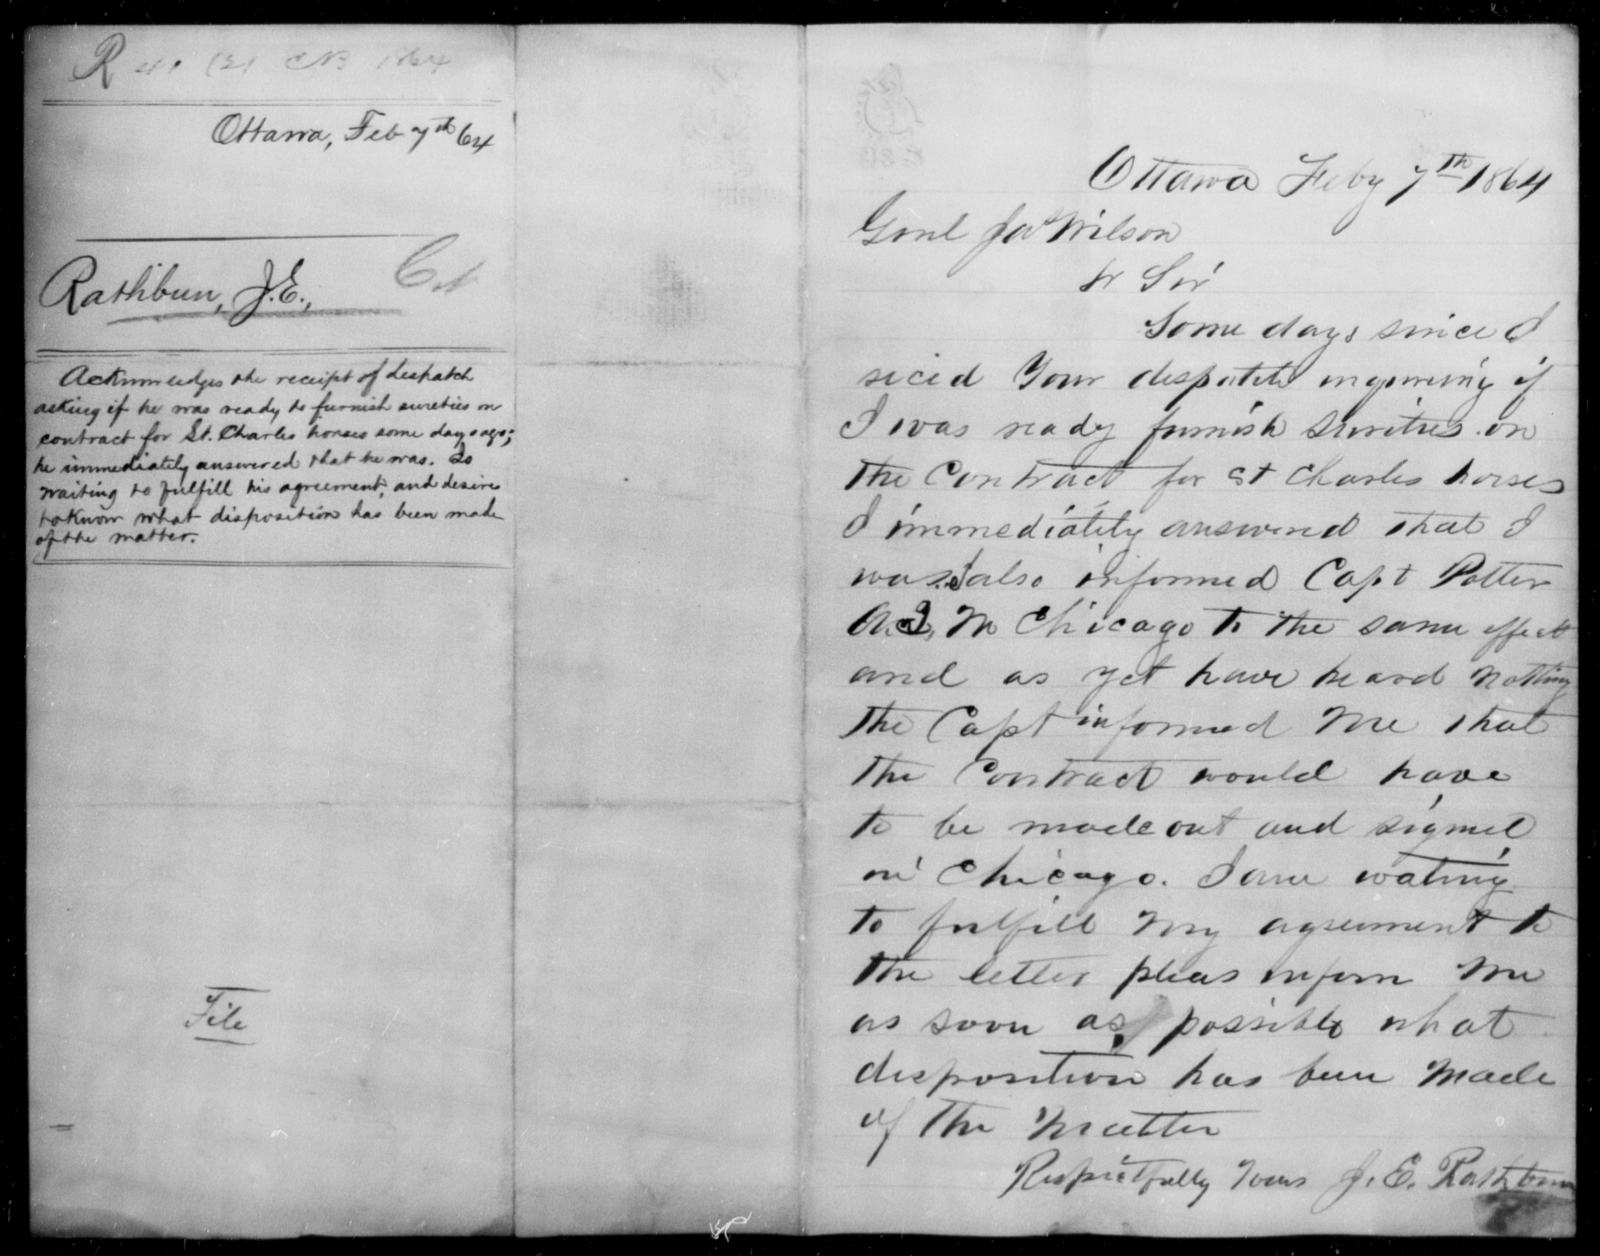 Rathbun, J E - State: [Blank] - Year: 1864